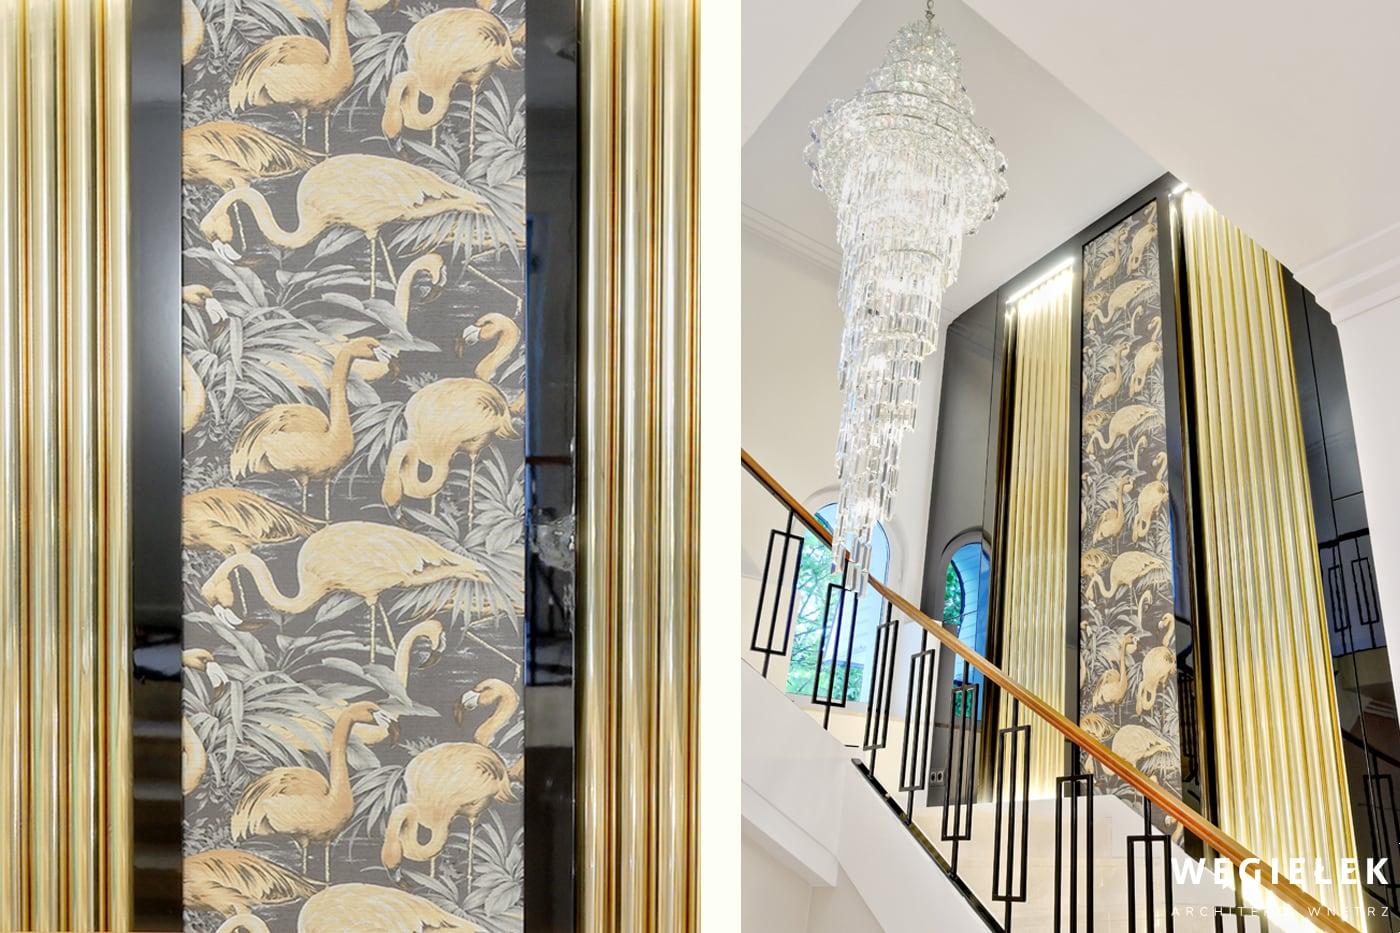 Architekci wnętrz domów proponują pełne przepychu rozwiązanie. Wysoką klatkę schodową ozdobili ogromnym żyrandolem z kryształu i umieścili go na złotym tle.